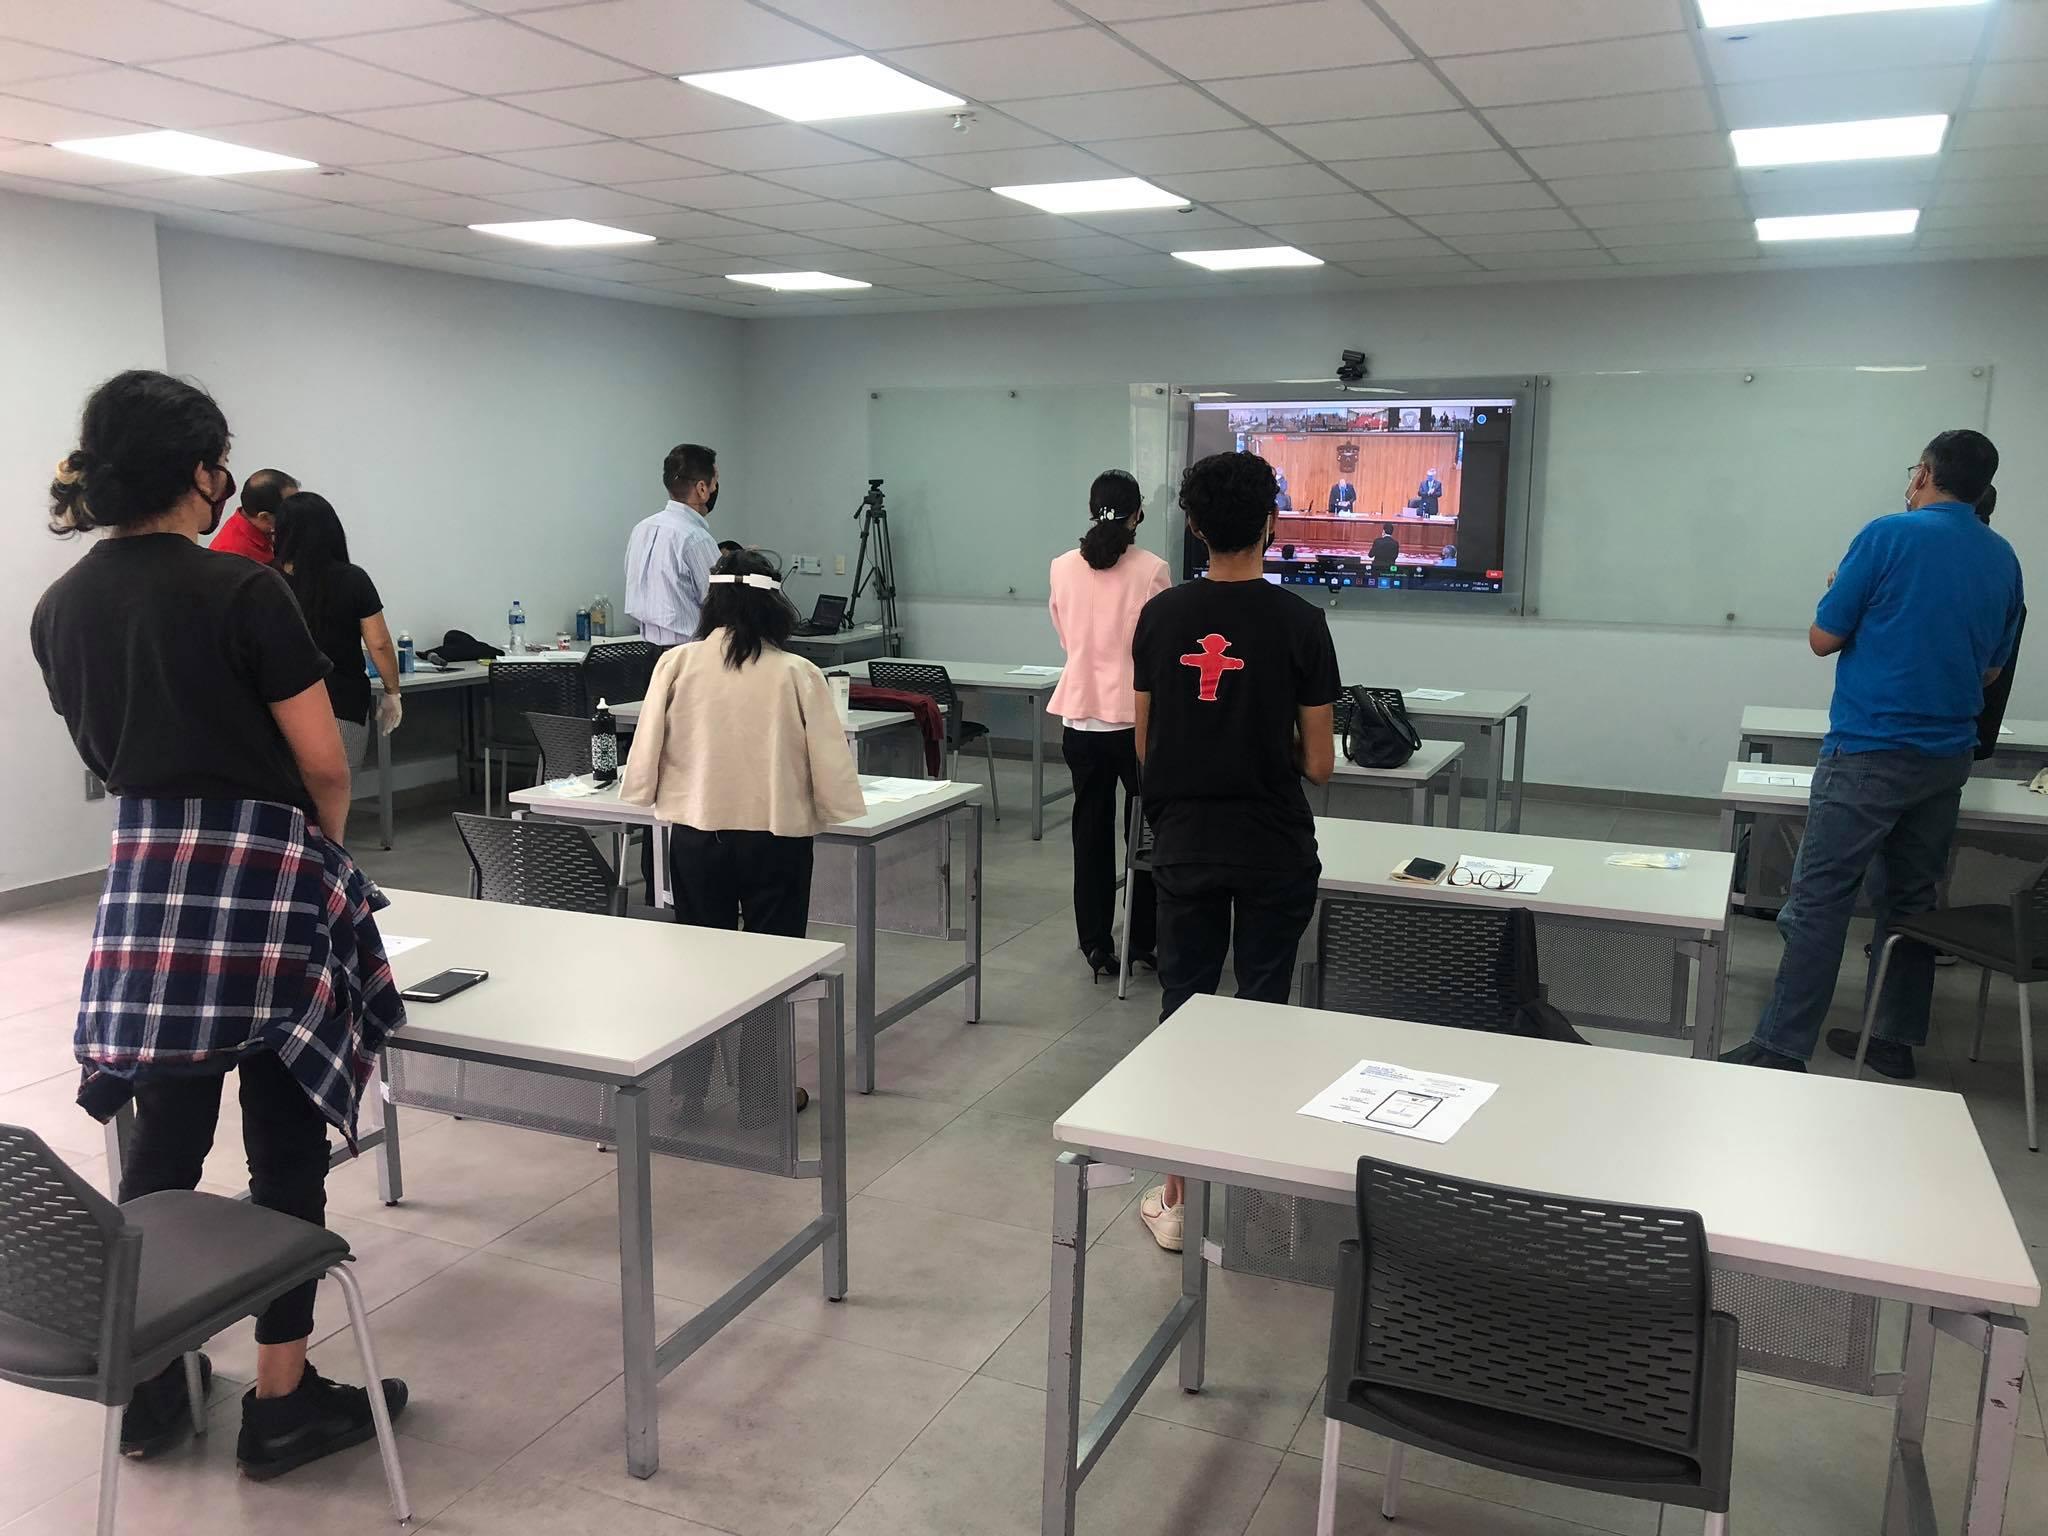 Consejo General Universitario de la UdeG realiza primera sesión virtual y decreta dicha modalidad para futuras situaciones de contingencia